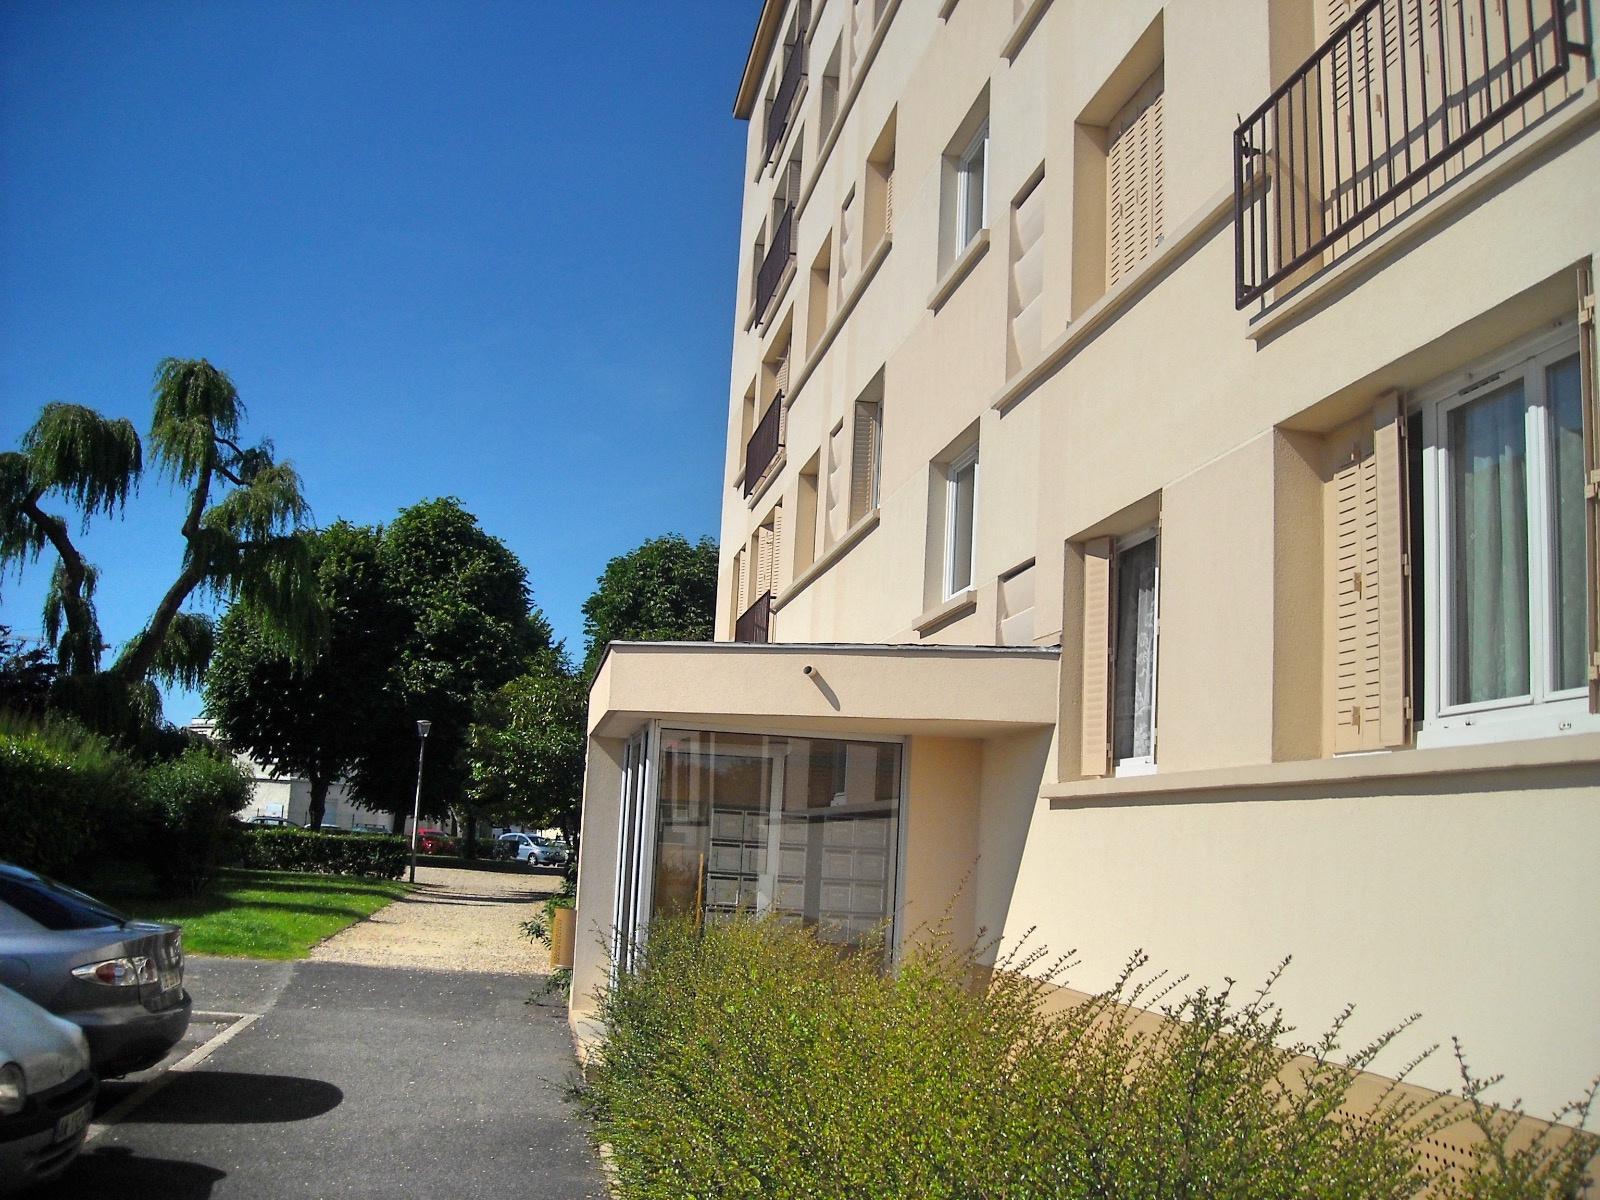 Location de vacances Appartement Viry-Châtillon 91170